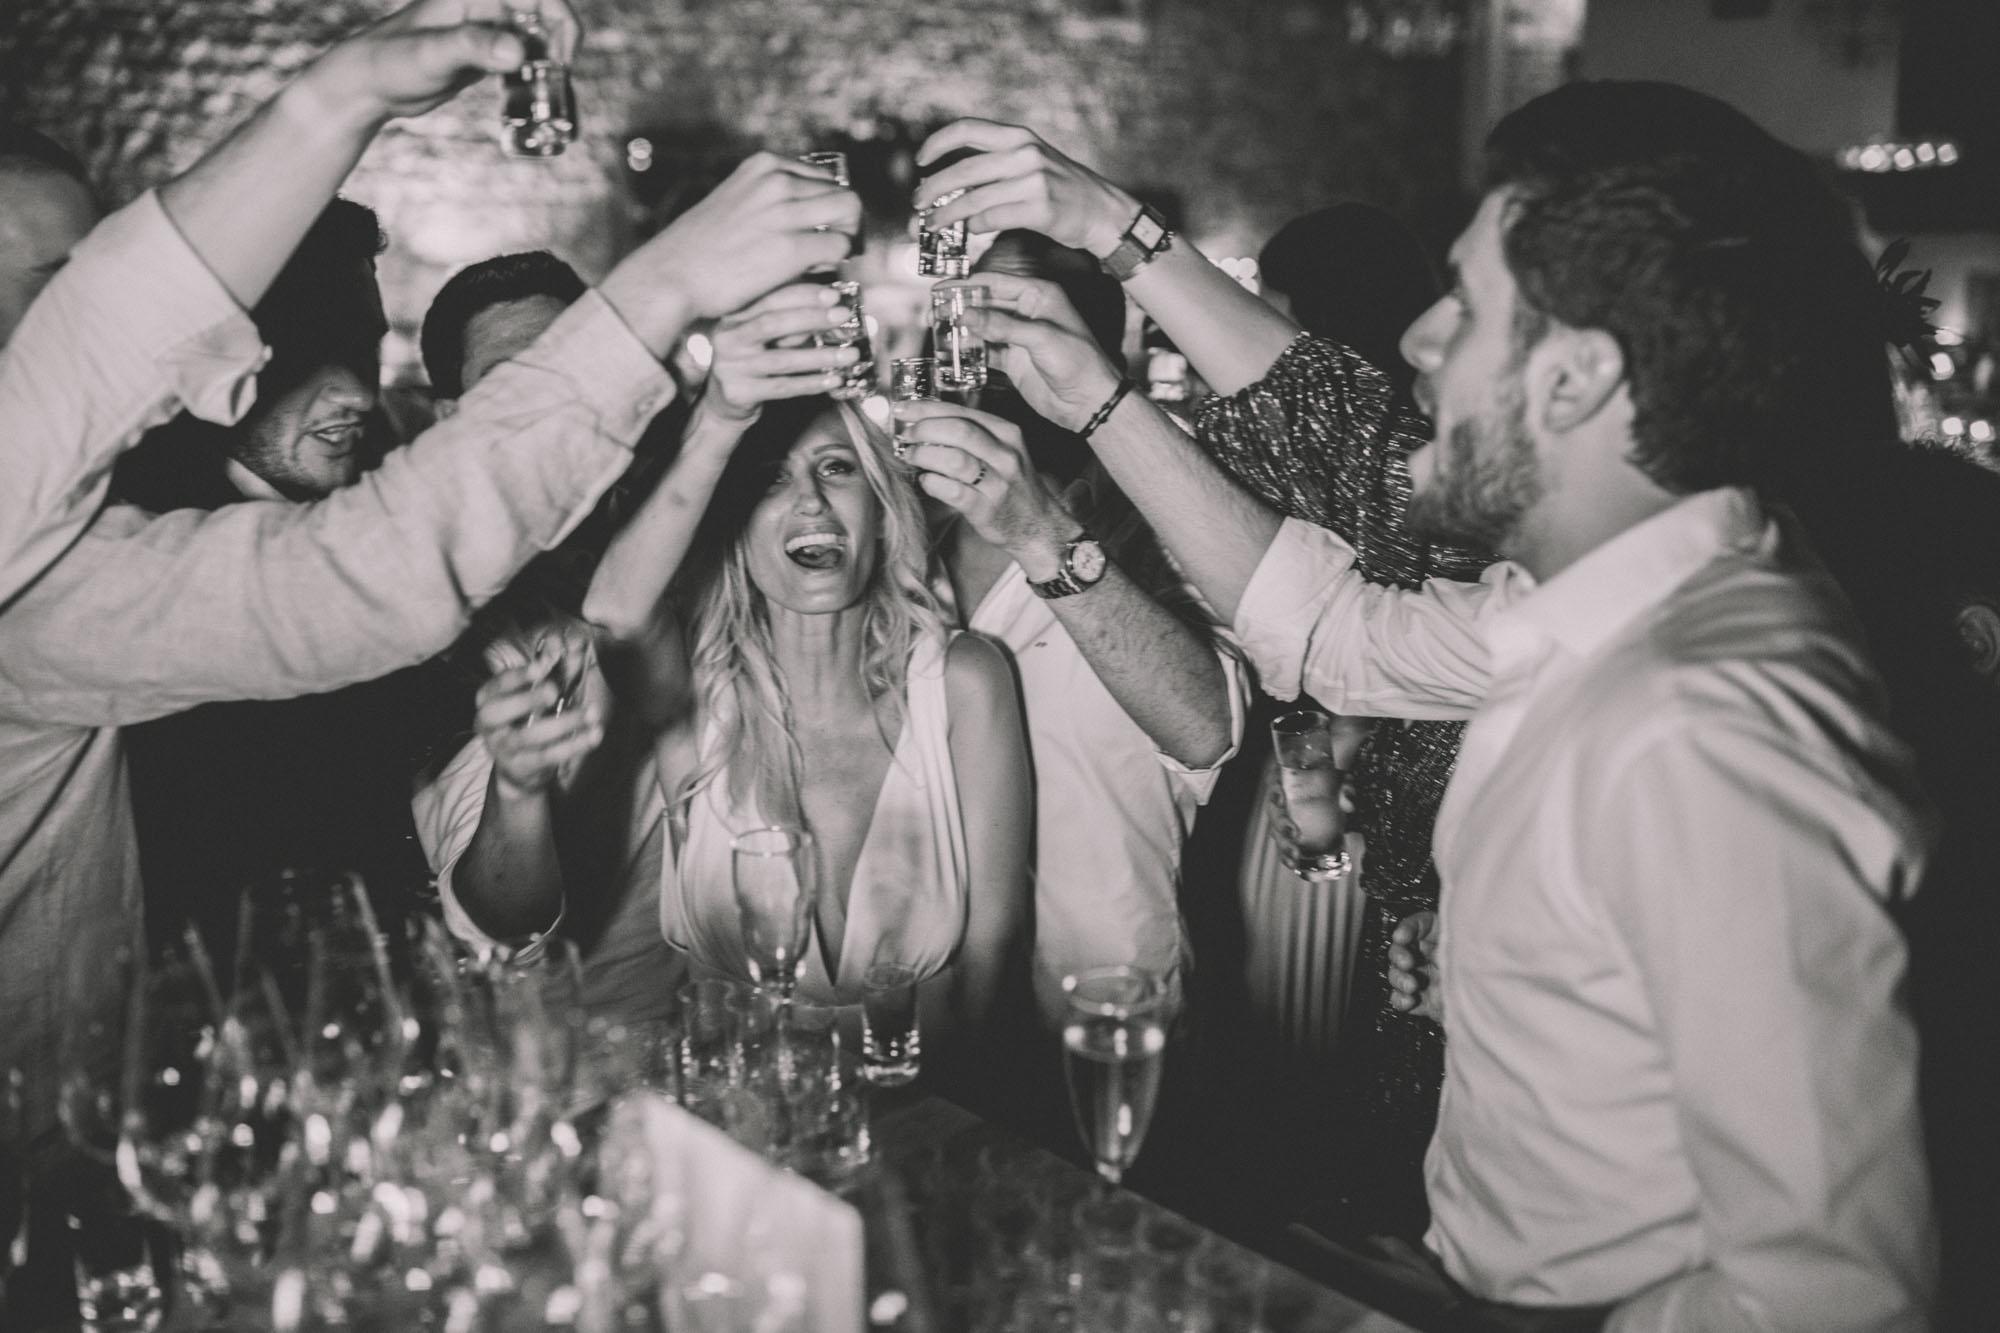 Les bandits : photographes & vidantes - Blog mariage : La mariée aux pieds nus.